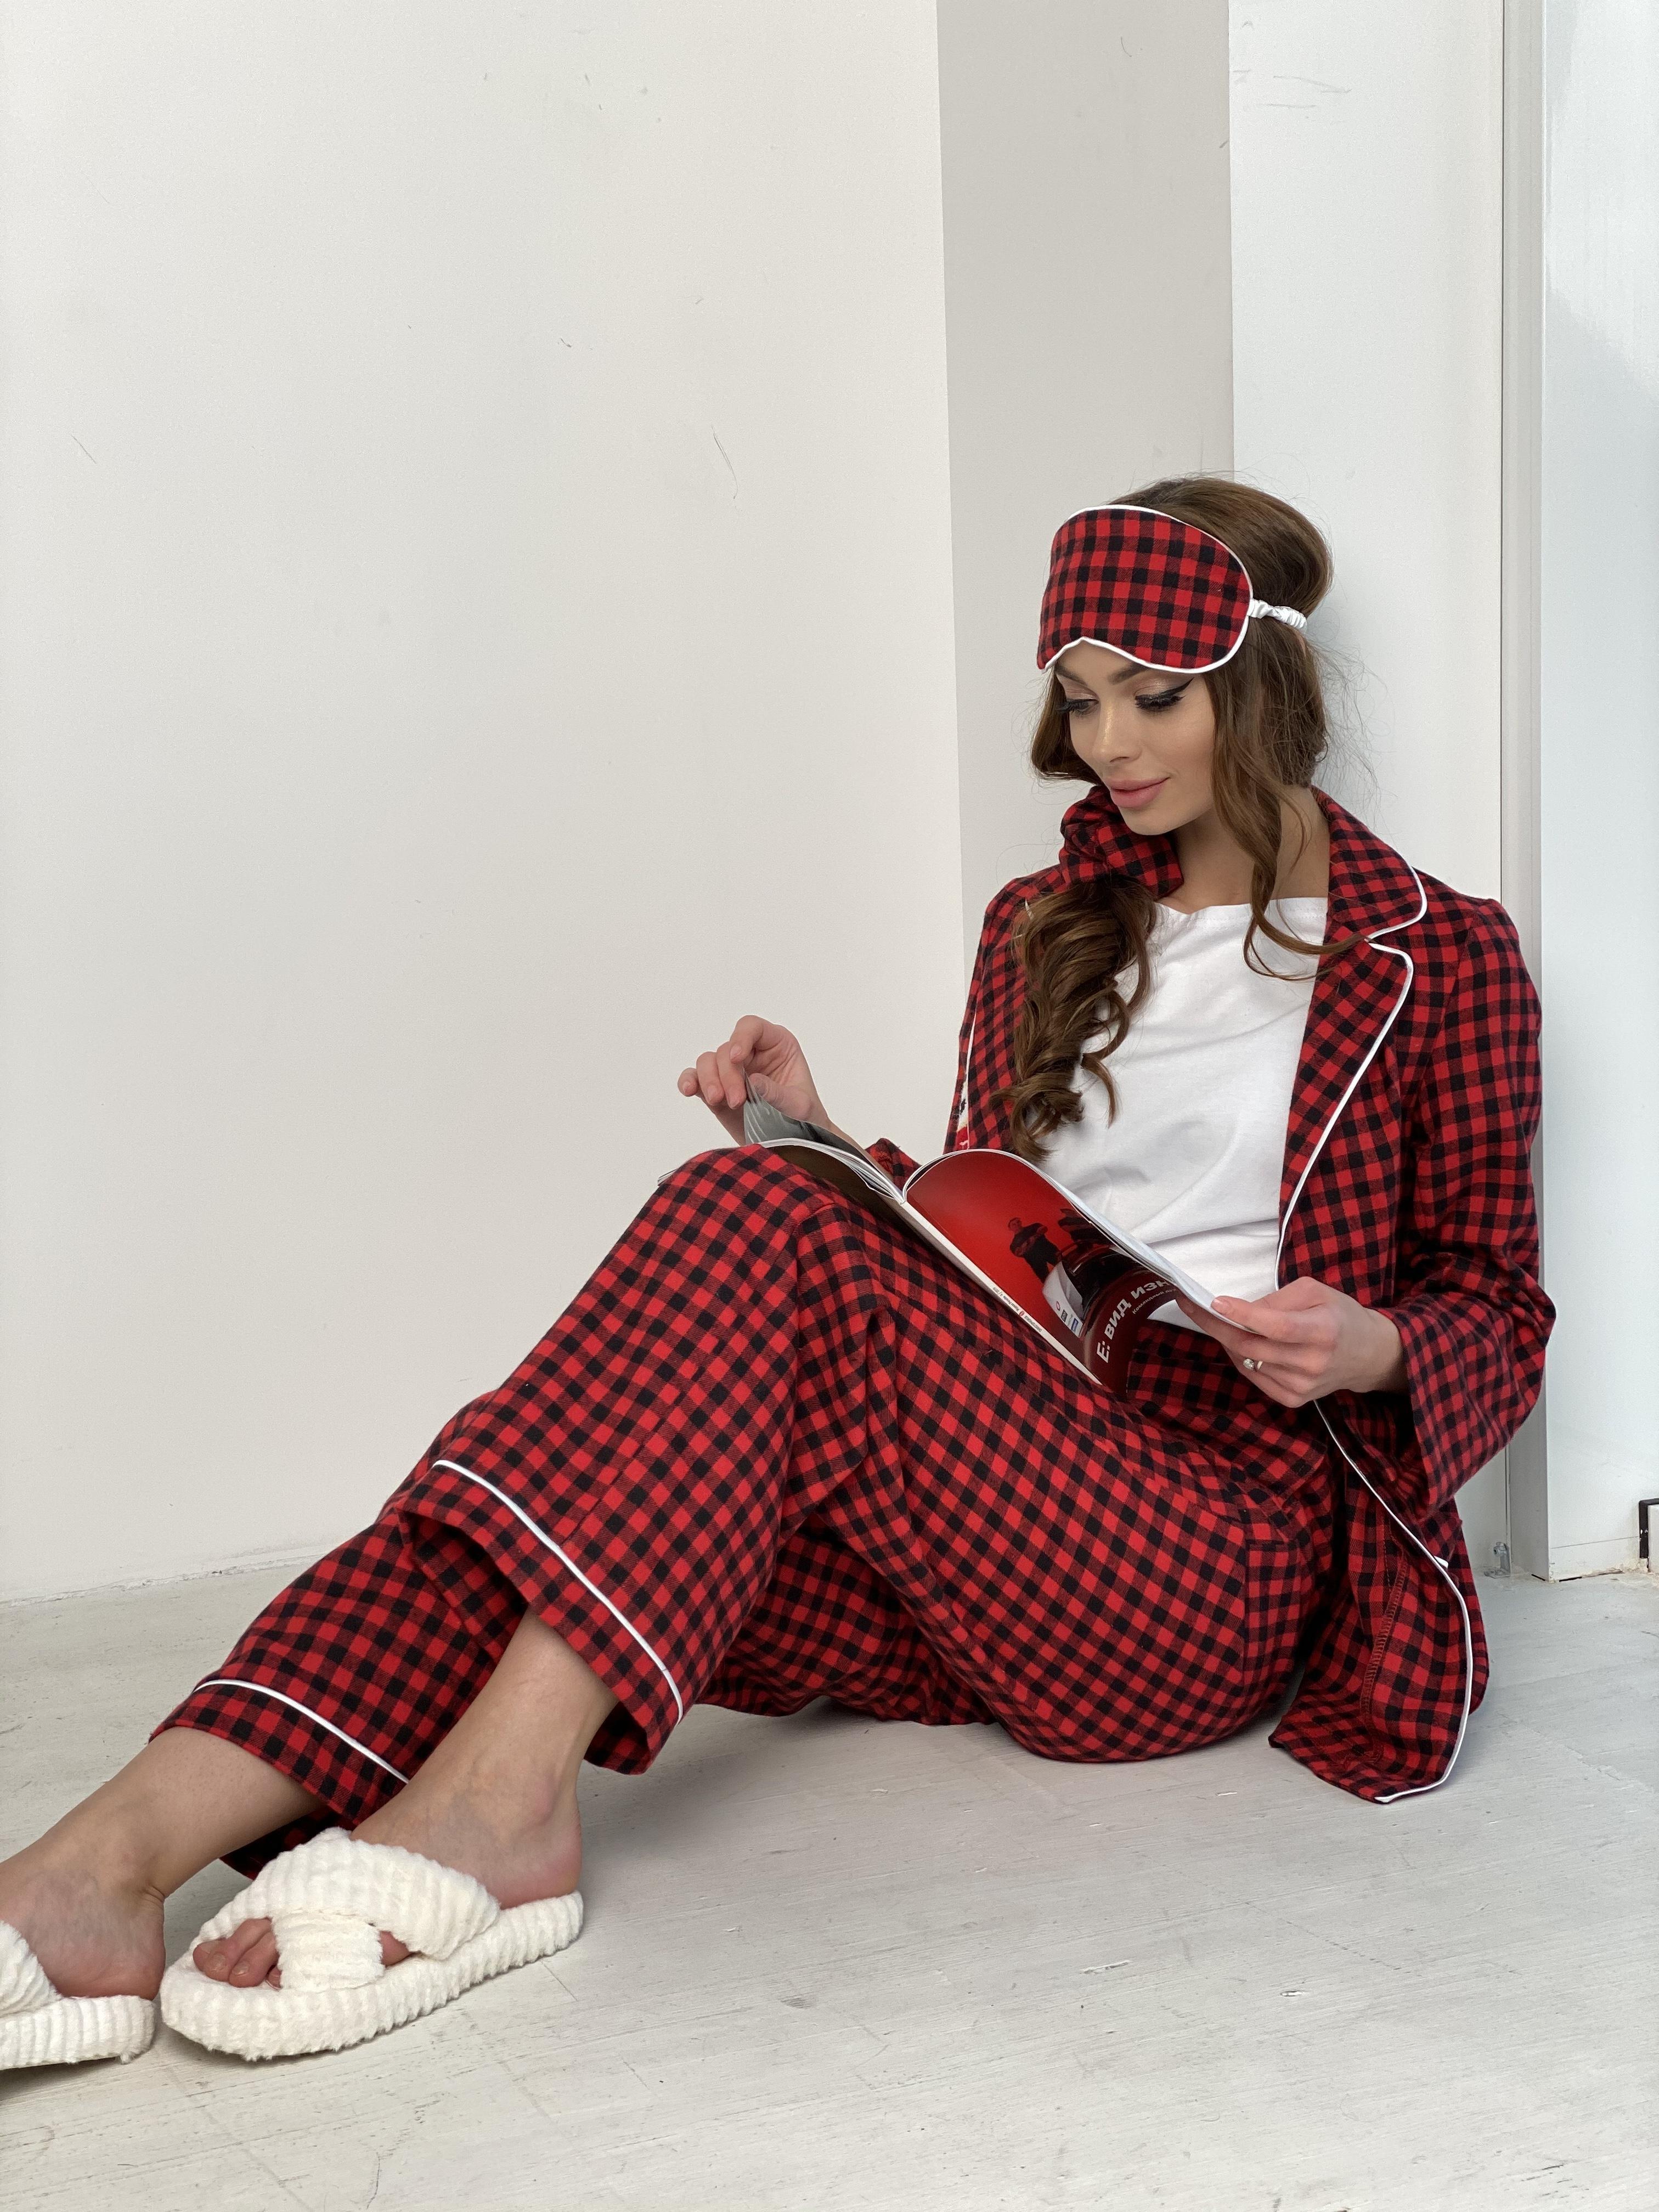 Тедди пижама в клетку из коттона(жакет,футболка,брюки,маска,резинка) 10384 АРТ. 46826 Цвет: Красный/черный - фото 6, интернет магазин tm-modus.ru